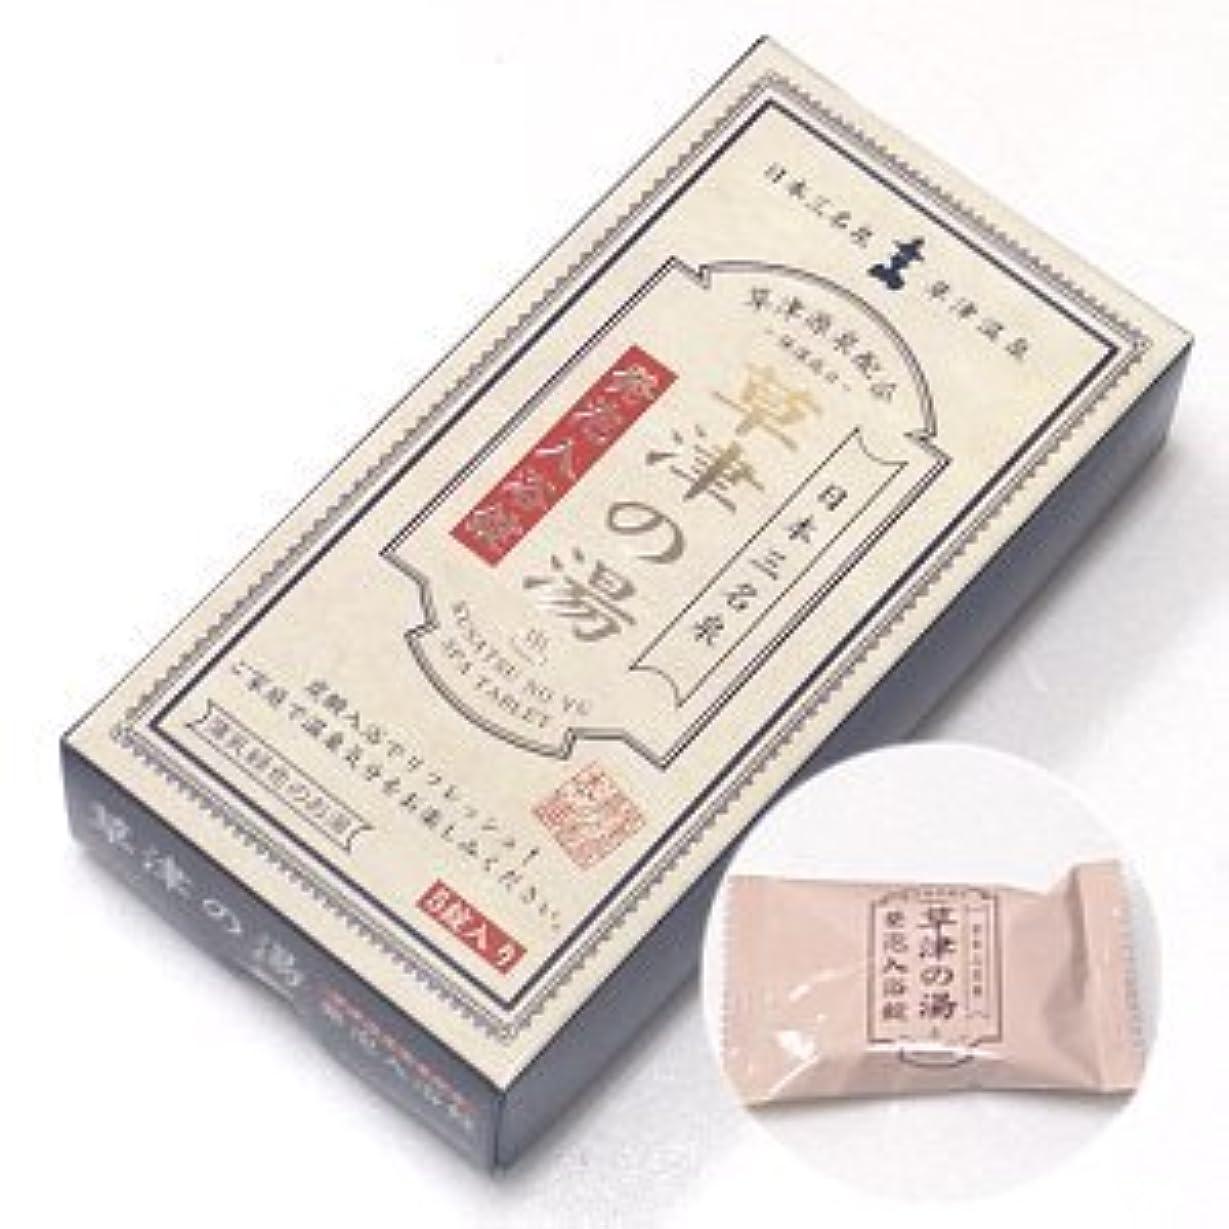 記念解読する郵便番号日本三名泉 草津の湯 発泡入浴剤 5錠入 30gx5